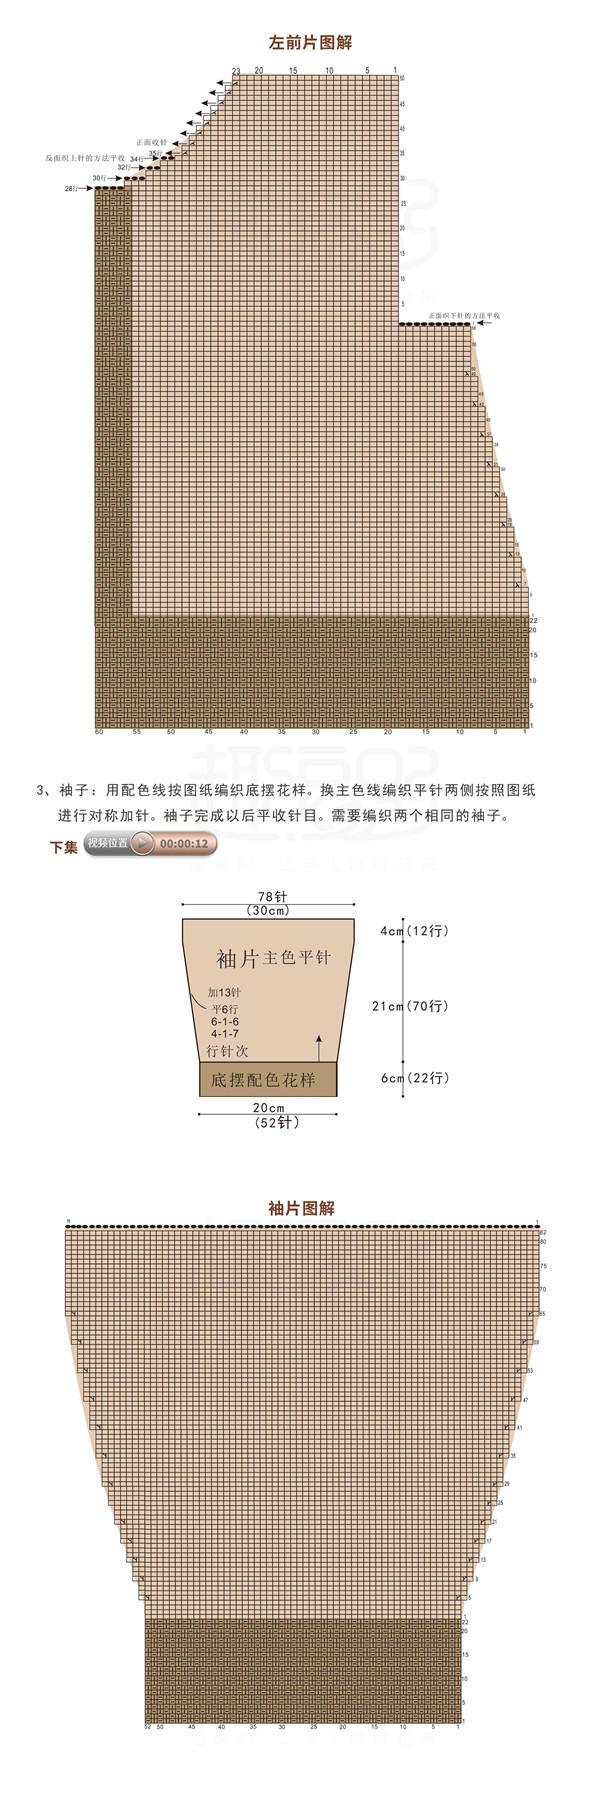 焦糖连帽开衫彩色图解-4.jpg